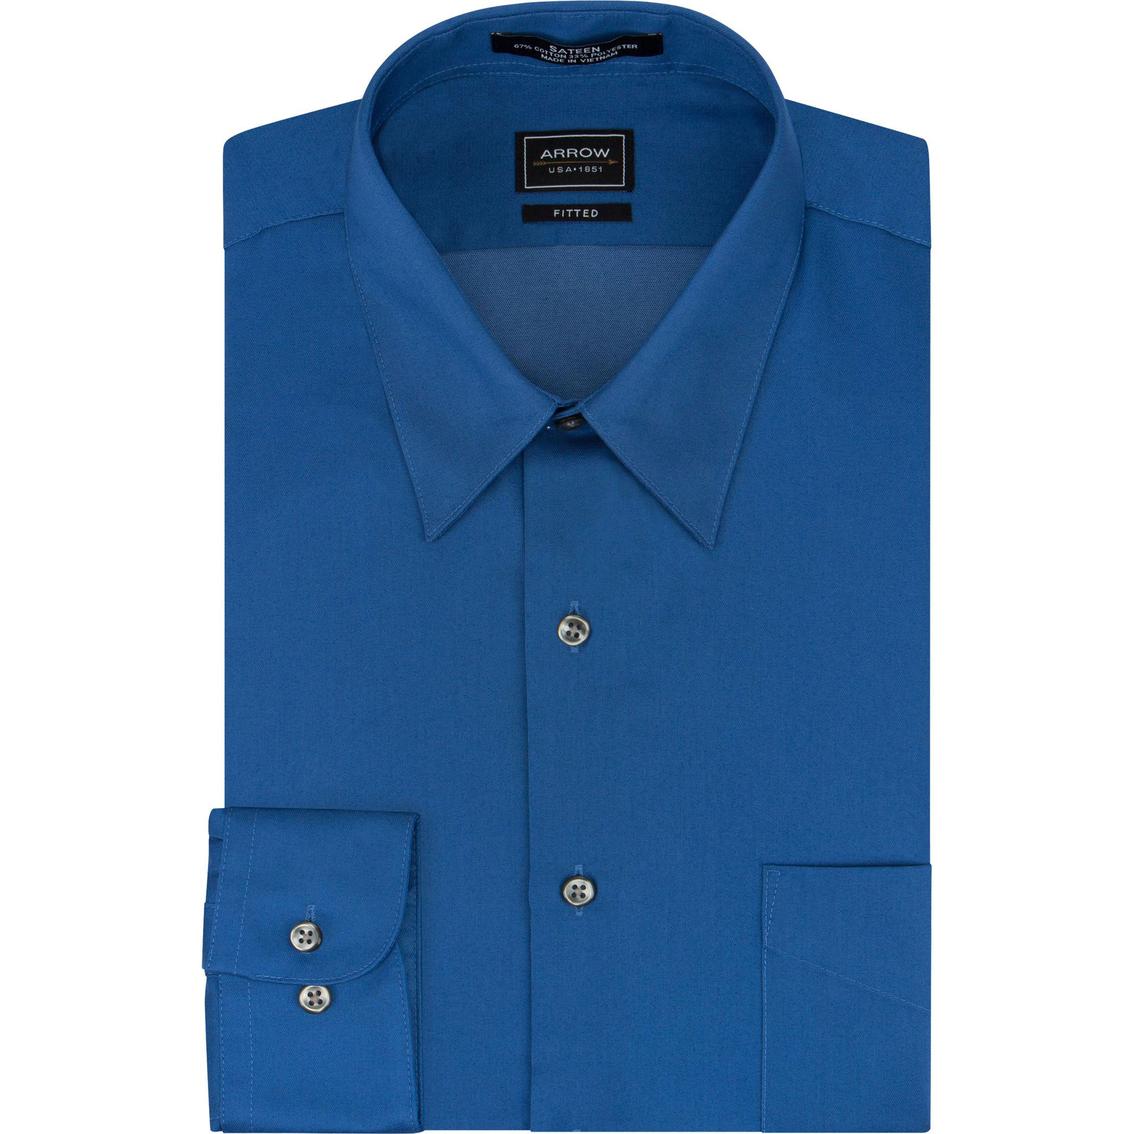 arrow fitted sateen dress shirt dress shirts apparel